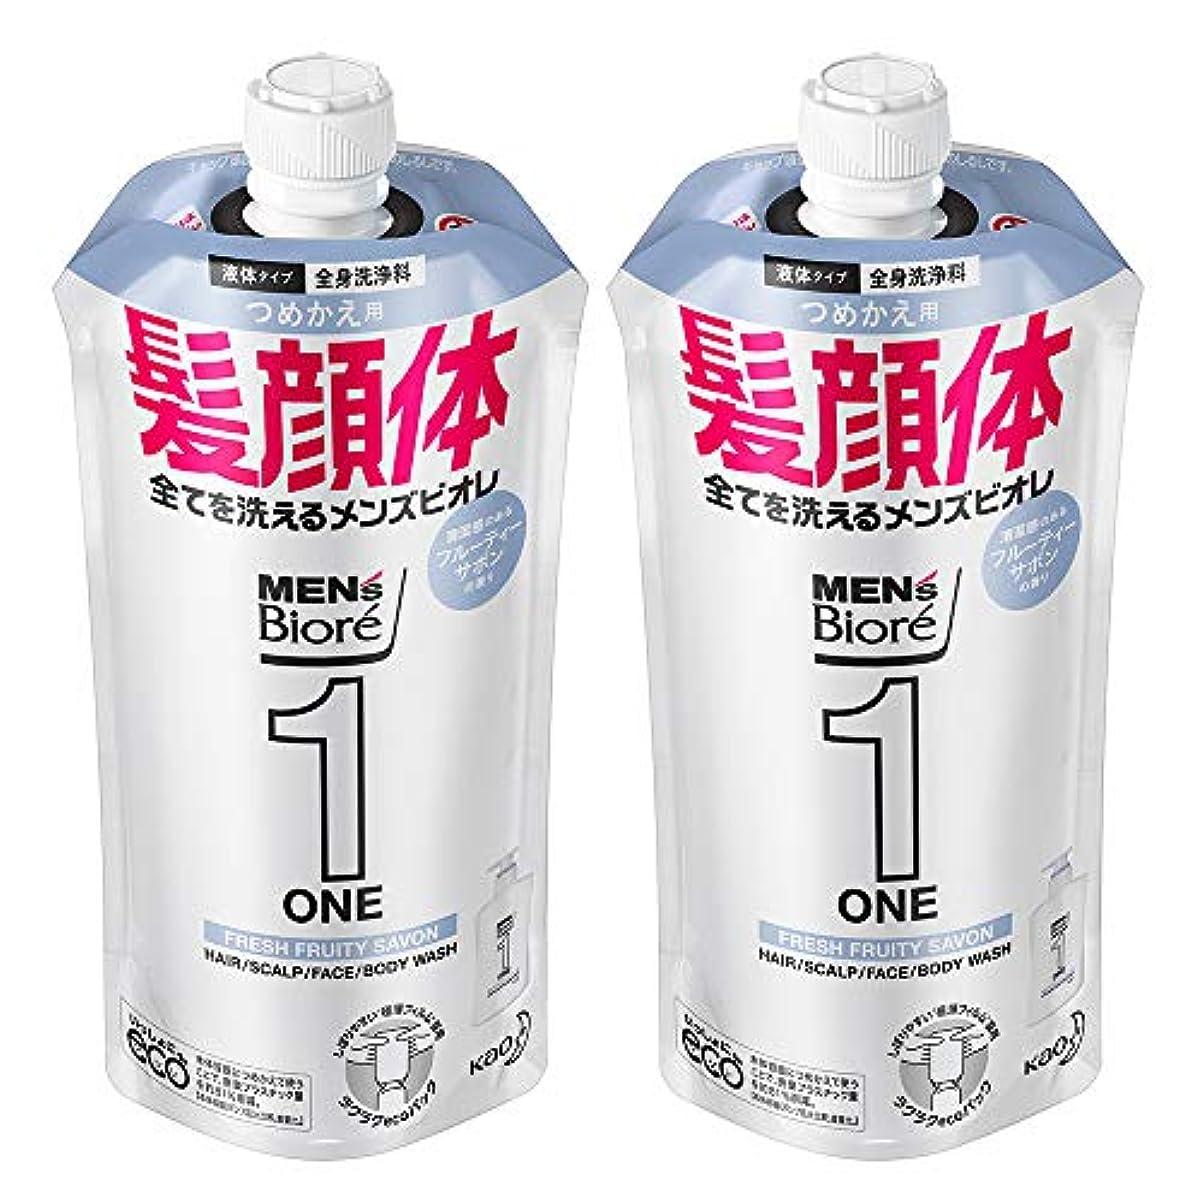 効率的にリクルートバルブ【まとめ買い】メンズビオレ ONE オールインワン全身洗浄料 フルーティーサボンの香り つめかえ用 340ml×2個